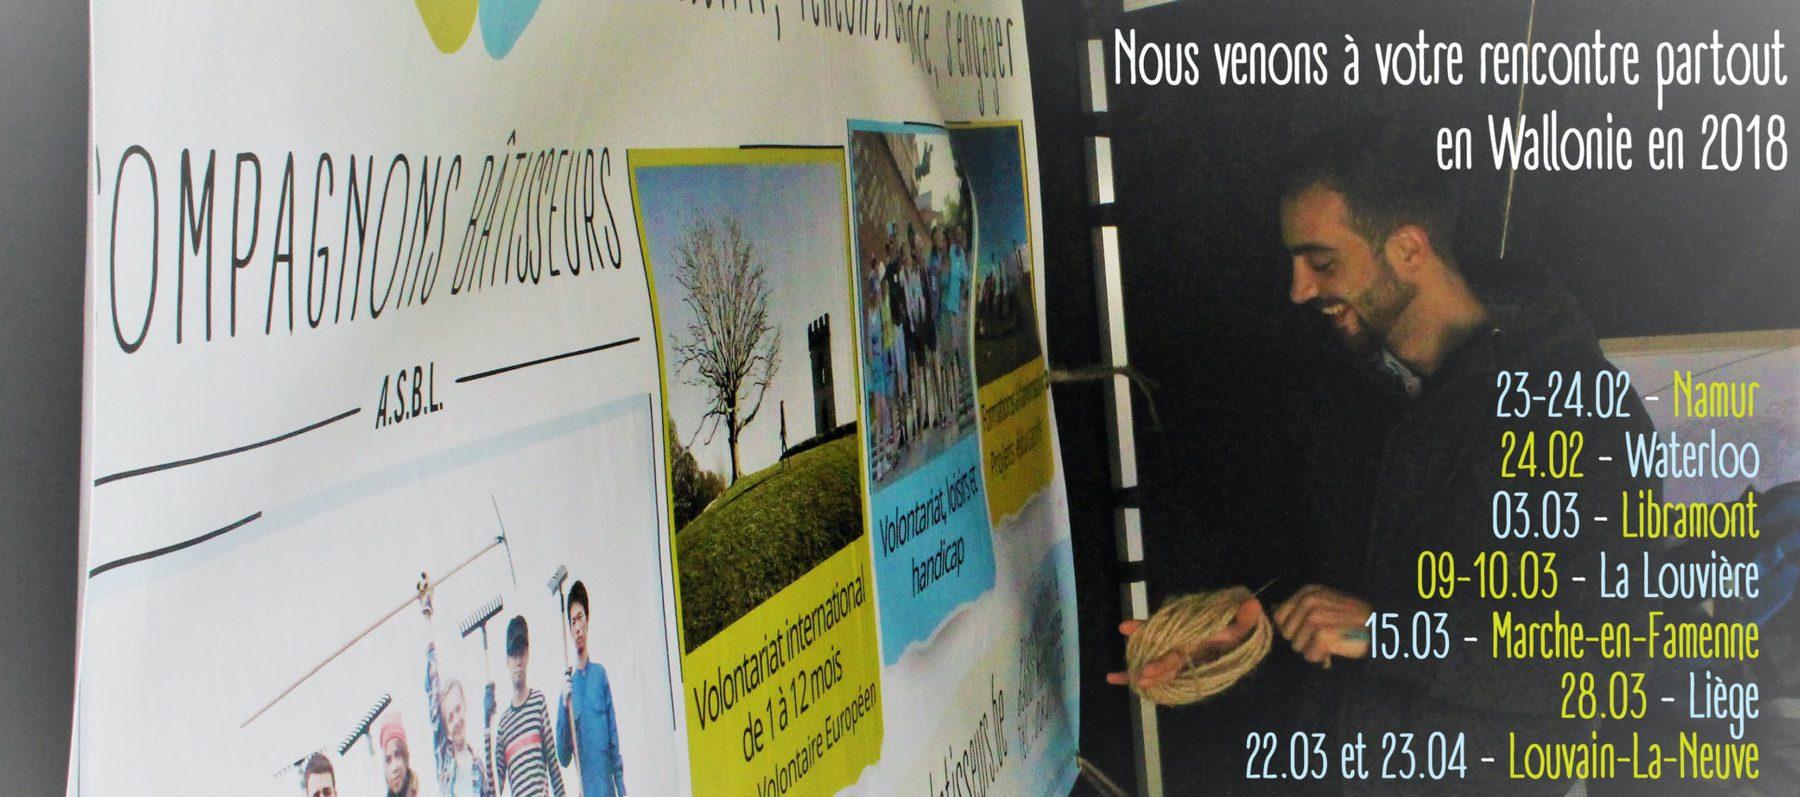 Compagnons Bâtisseurs en tournée: Wallonie 2018